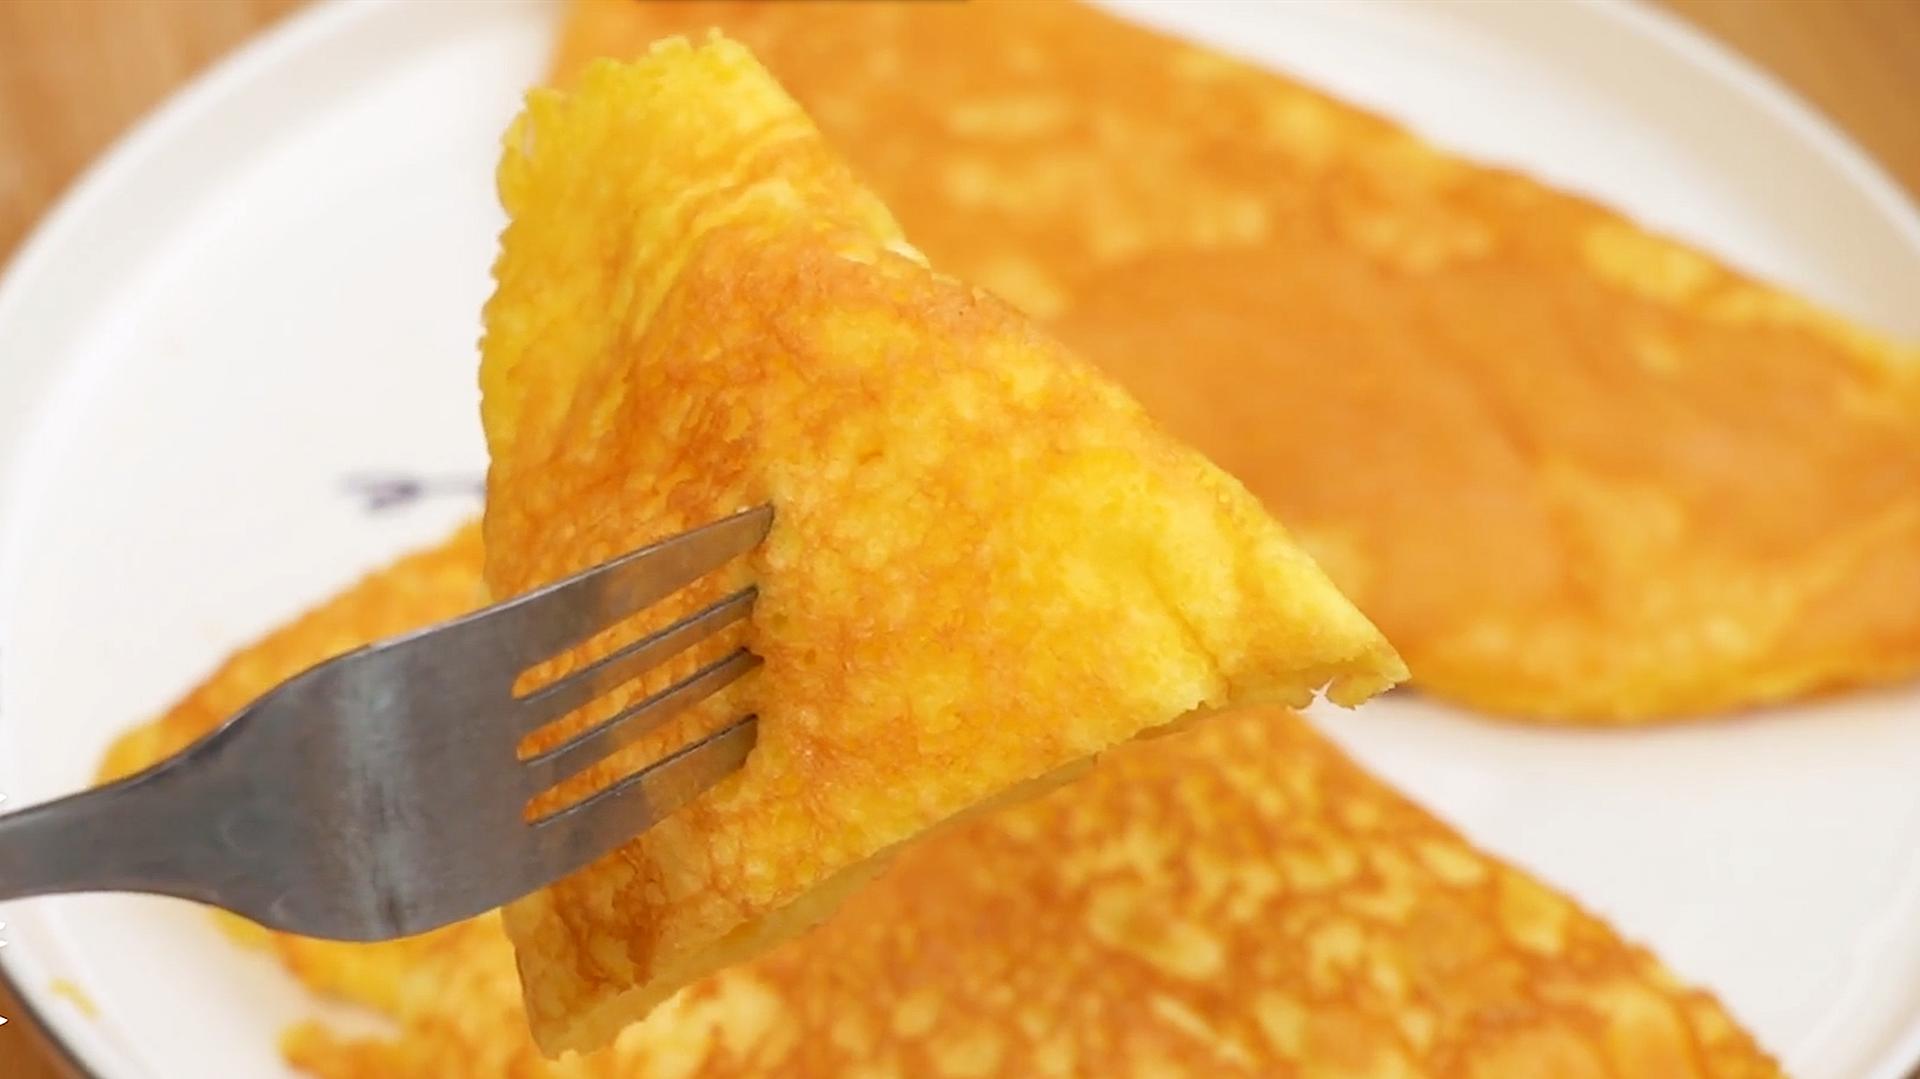 3個雞蛋不加麵粉,教你做早餐,比烙餅簡單,綿軟細膩,入口即化